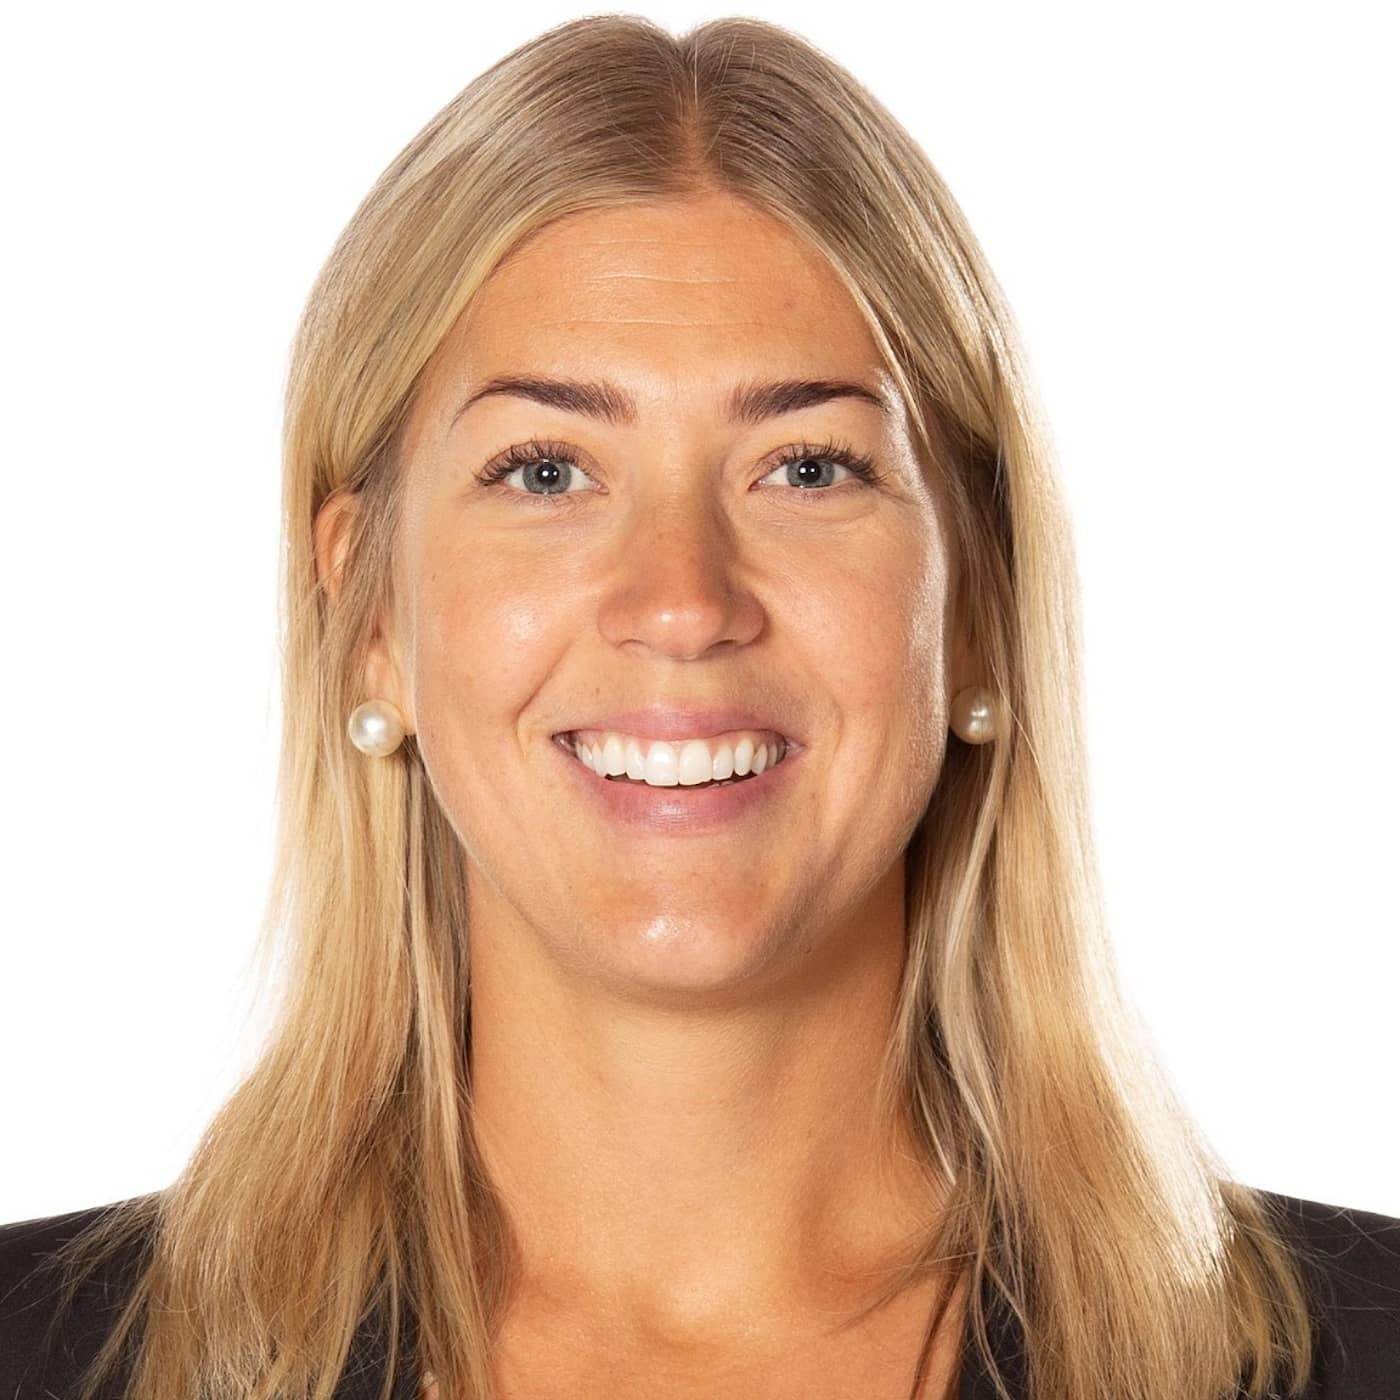 Erika Grahm är Sveriges första kvinnliga sportchef i SHL